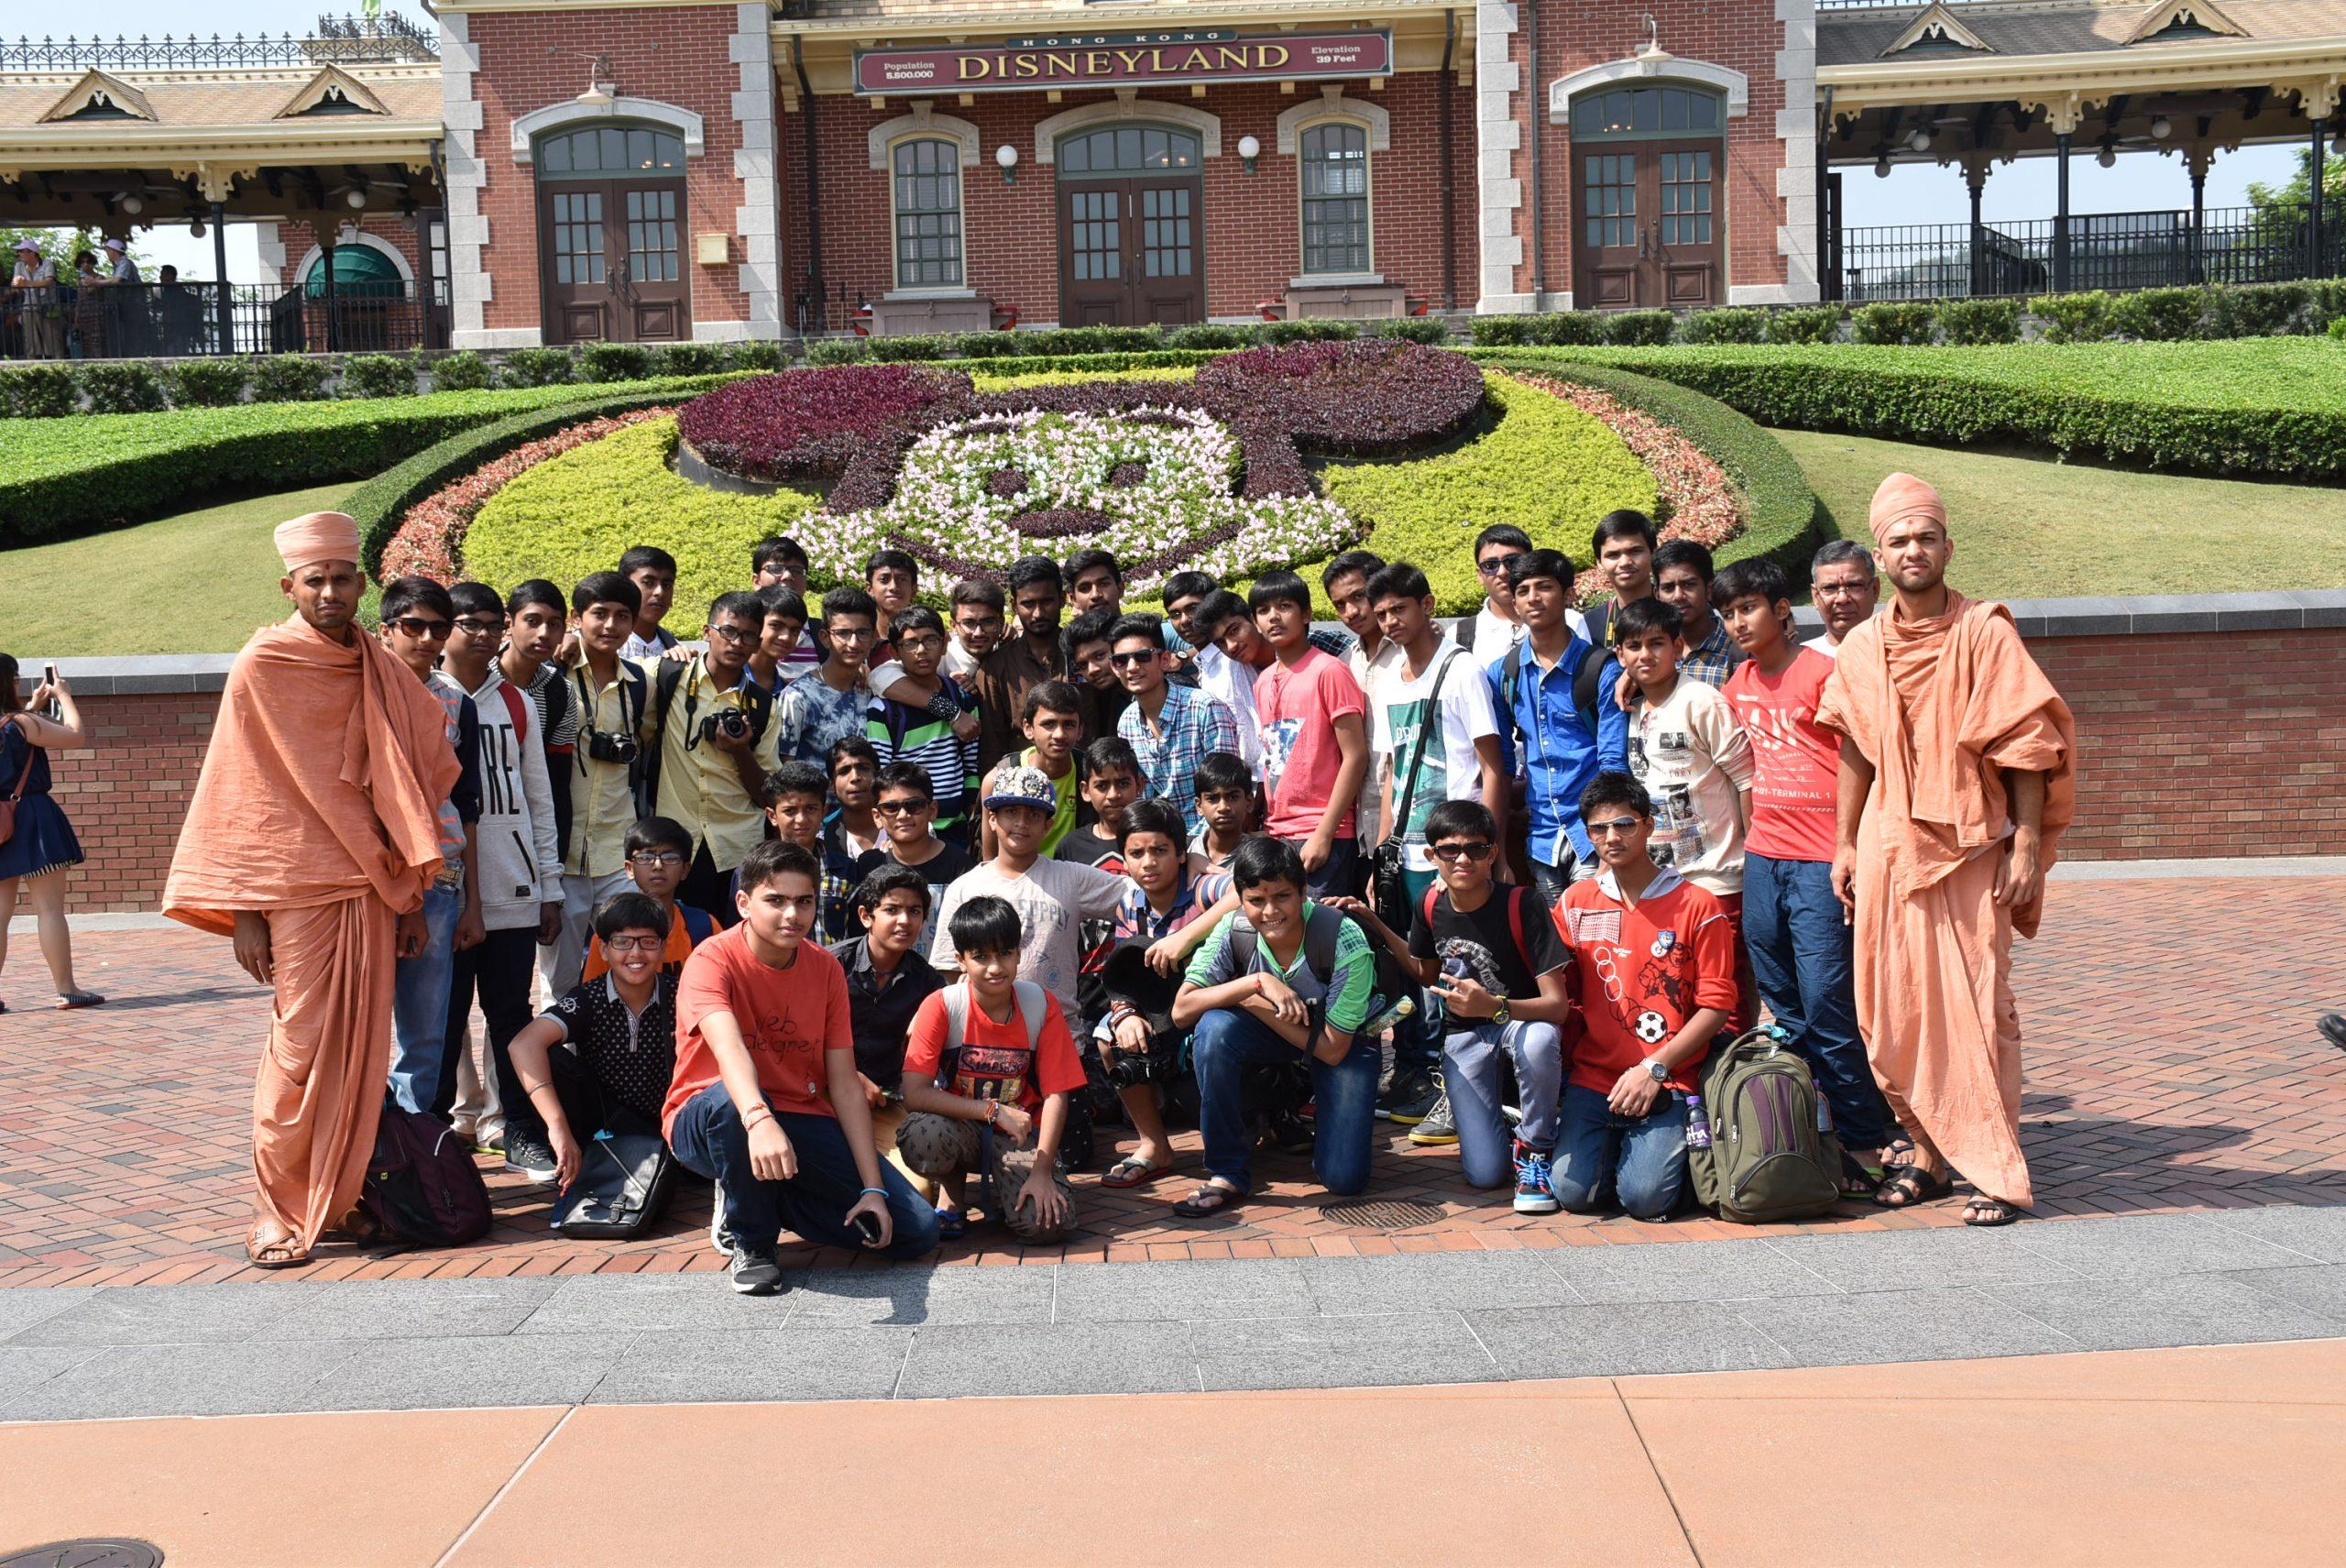 Swamy Narayan Students at Disneyland